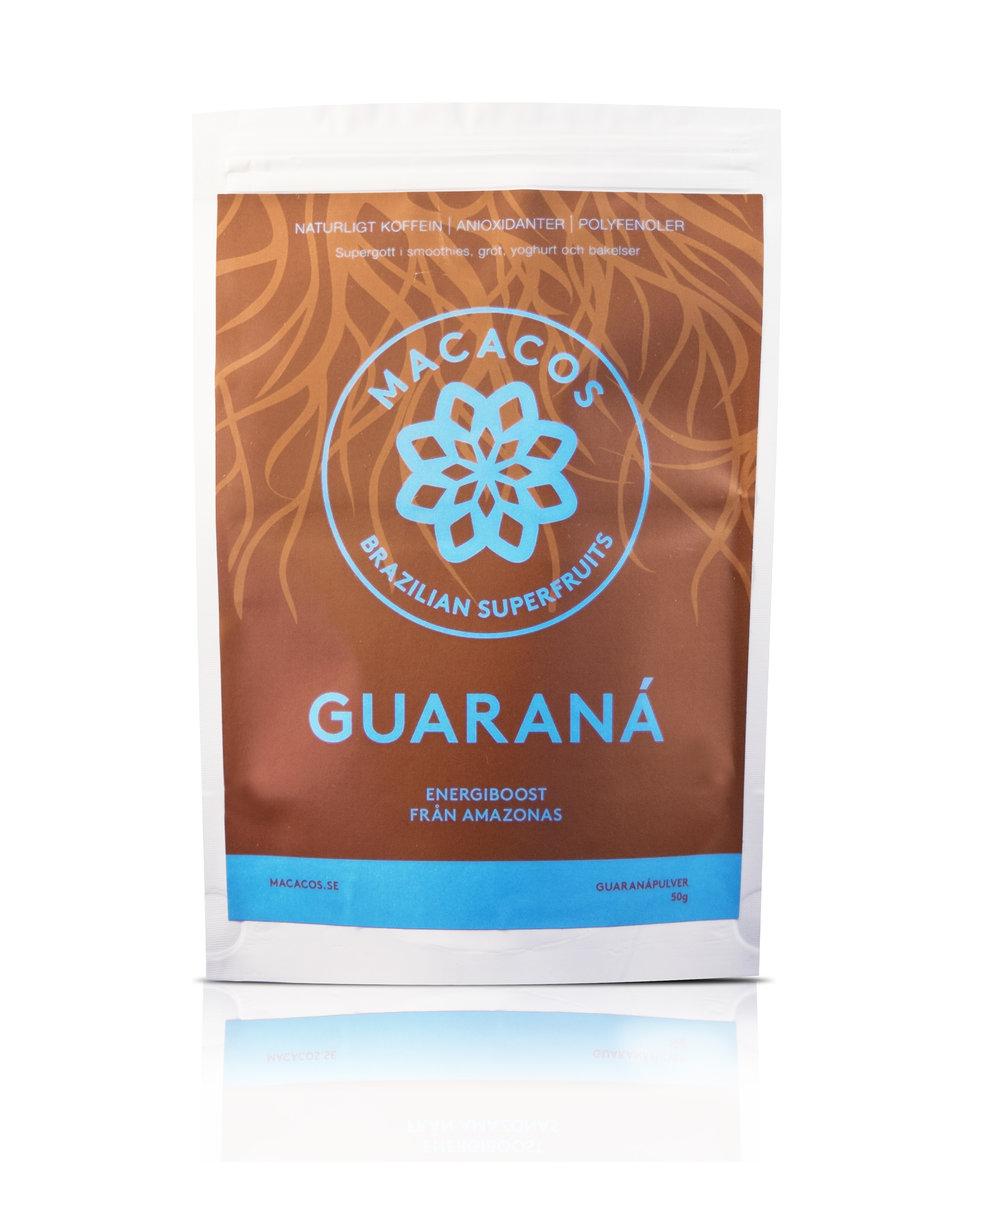 Innehållsförteckning Ekologiskt guaranápulver Näringsinnehåll Näringsvärde/100g Energi 313 kcal Kolhydrater 59,06 g Fett 2,95 g Stärkelse 51,95 g Tanin 1704,44 mg Koffein 3,94 g Teobromin 0,01g Teofyllin (g/100g) No <0,01 d Vitamin B1 . Tiamin 0,35 mg Beta ~ karoten 211 ug Vitamin A (UI/100g) 117 UI Protein 12,67 g Totala fibrer 12 21g Kalcium 33,2 mg Järn 2,04 mg Fosfor 177 mg Kalium 516 mg Natrium 1,0 mg